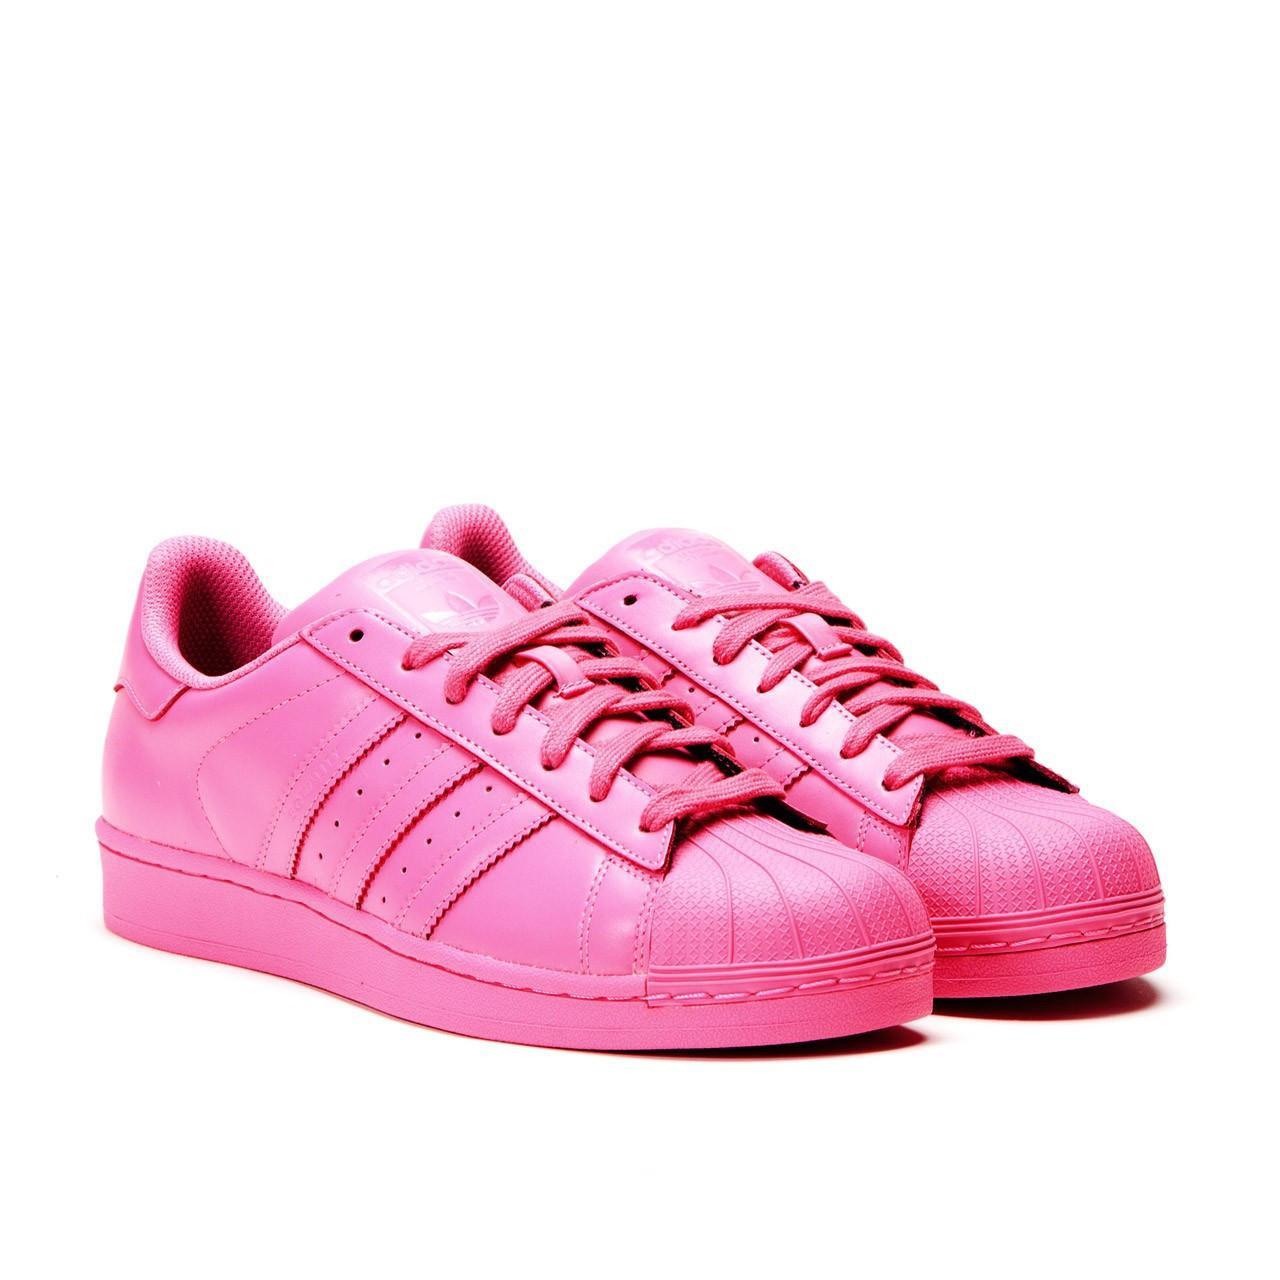 68417cb4aeab Женские яркие кроссовки Adidas Superstar Supercolor розовые - Интернет  магазин обуви Shoes-Mania в Днепре